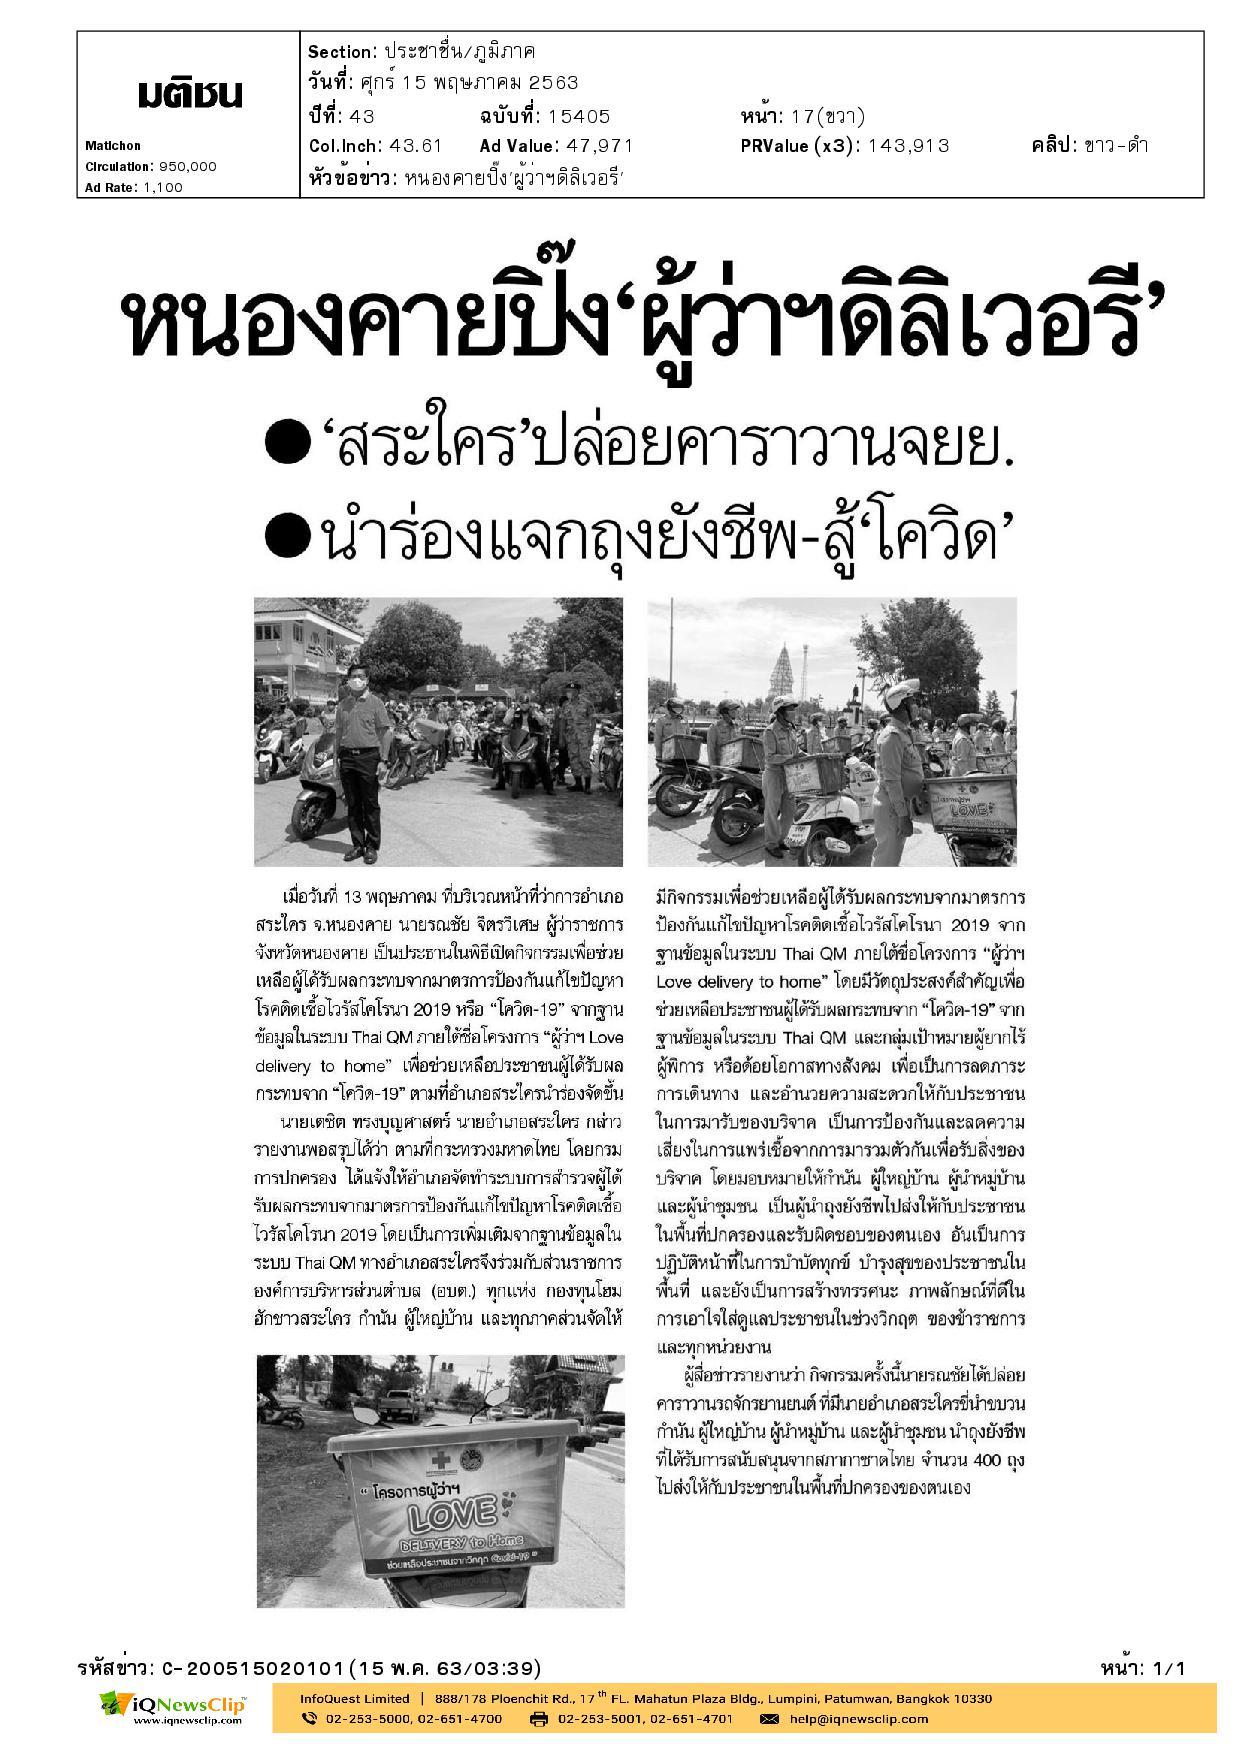 ถุงยังชีพจากสภากาชาดไทย